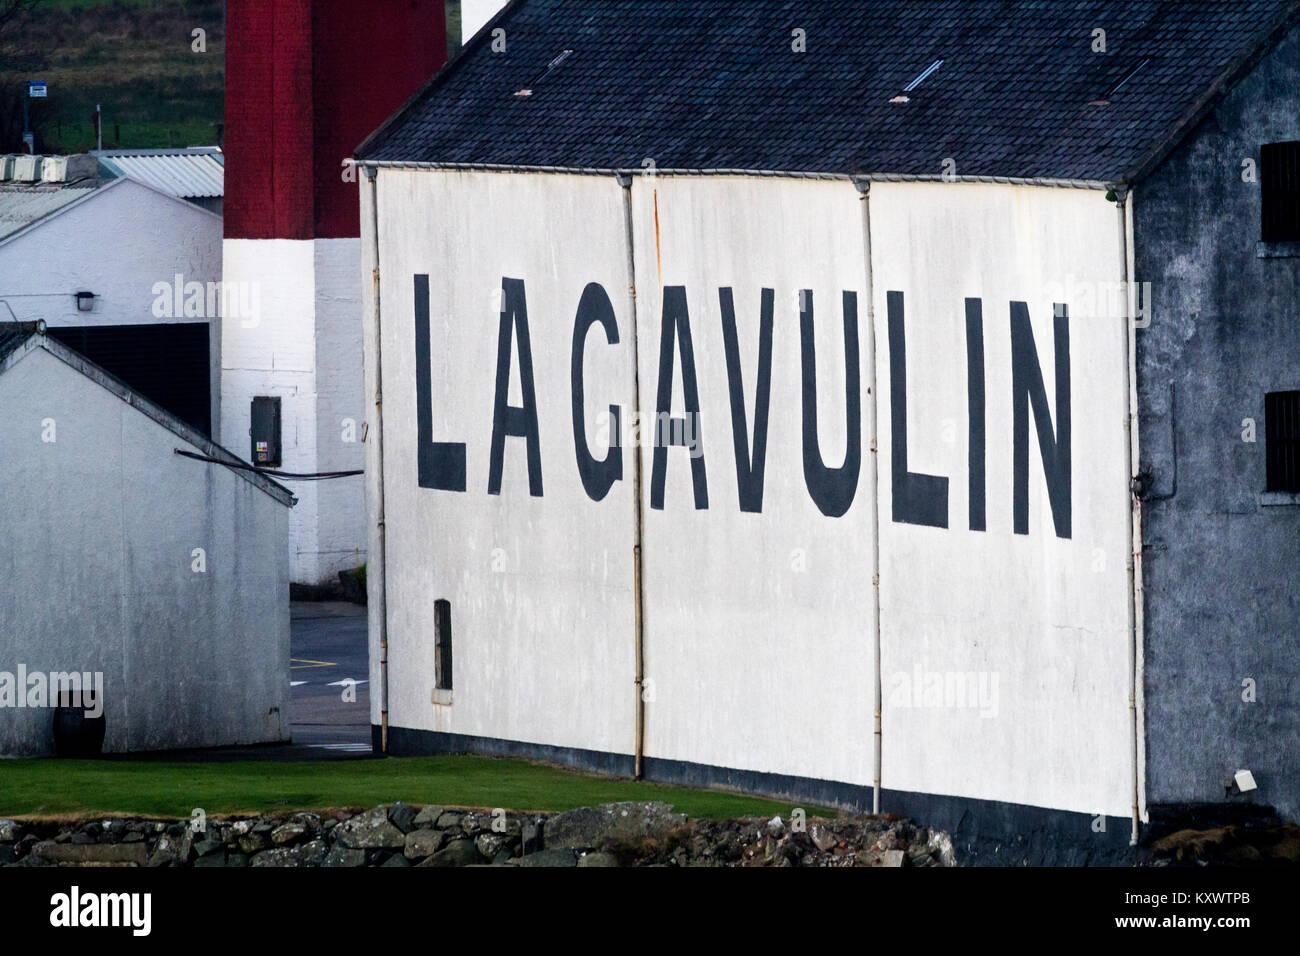 Cerca de la parte exterior de la destilería de whisky Lagavulin grandes letras negras sobre las paredes encaladas, Imagen De Stock